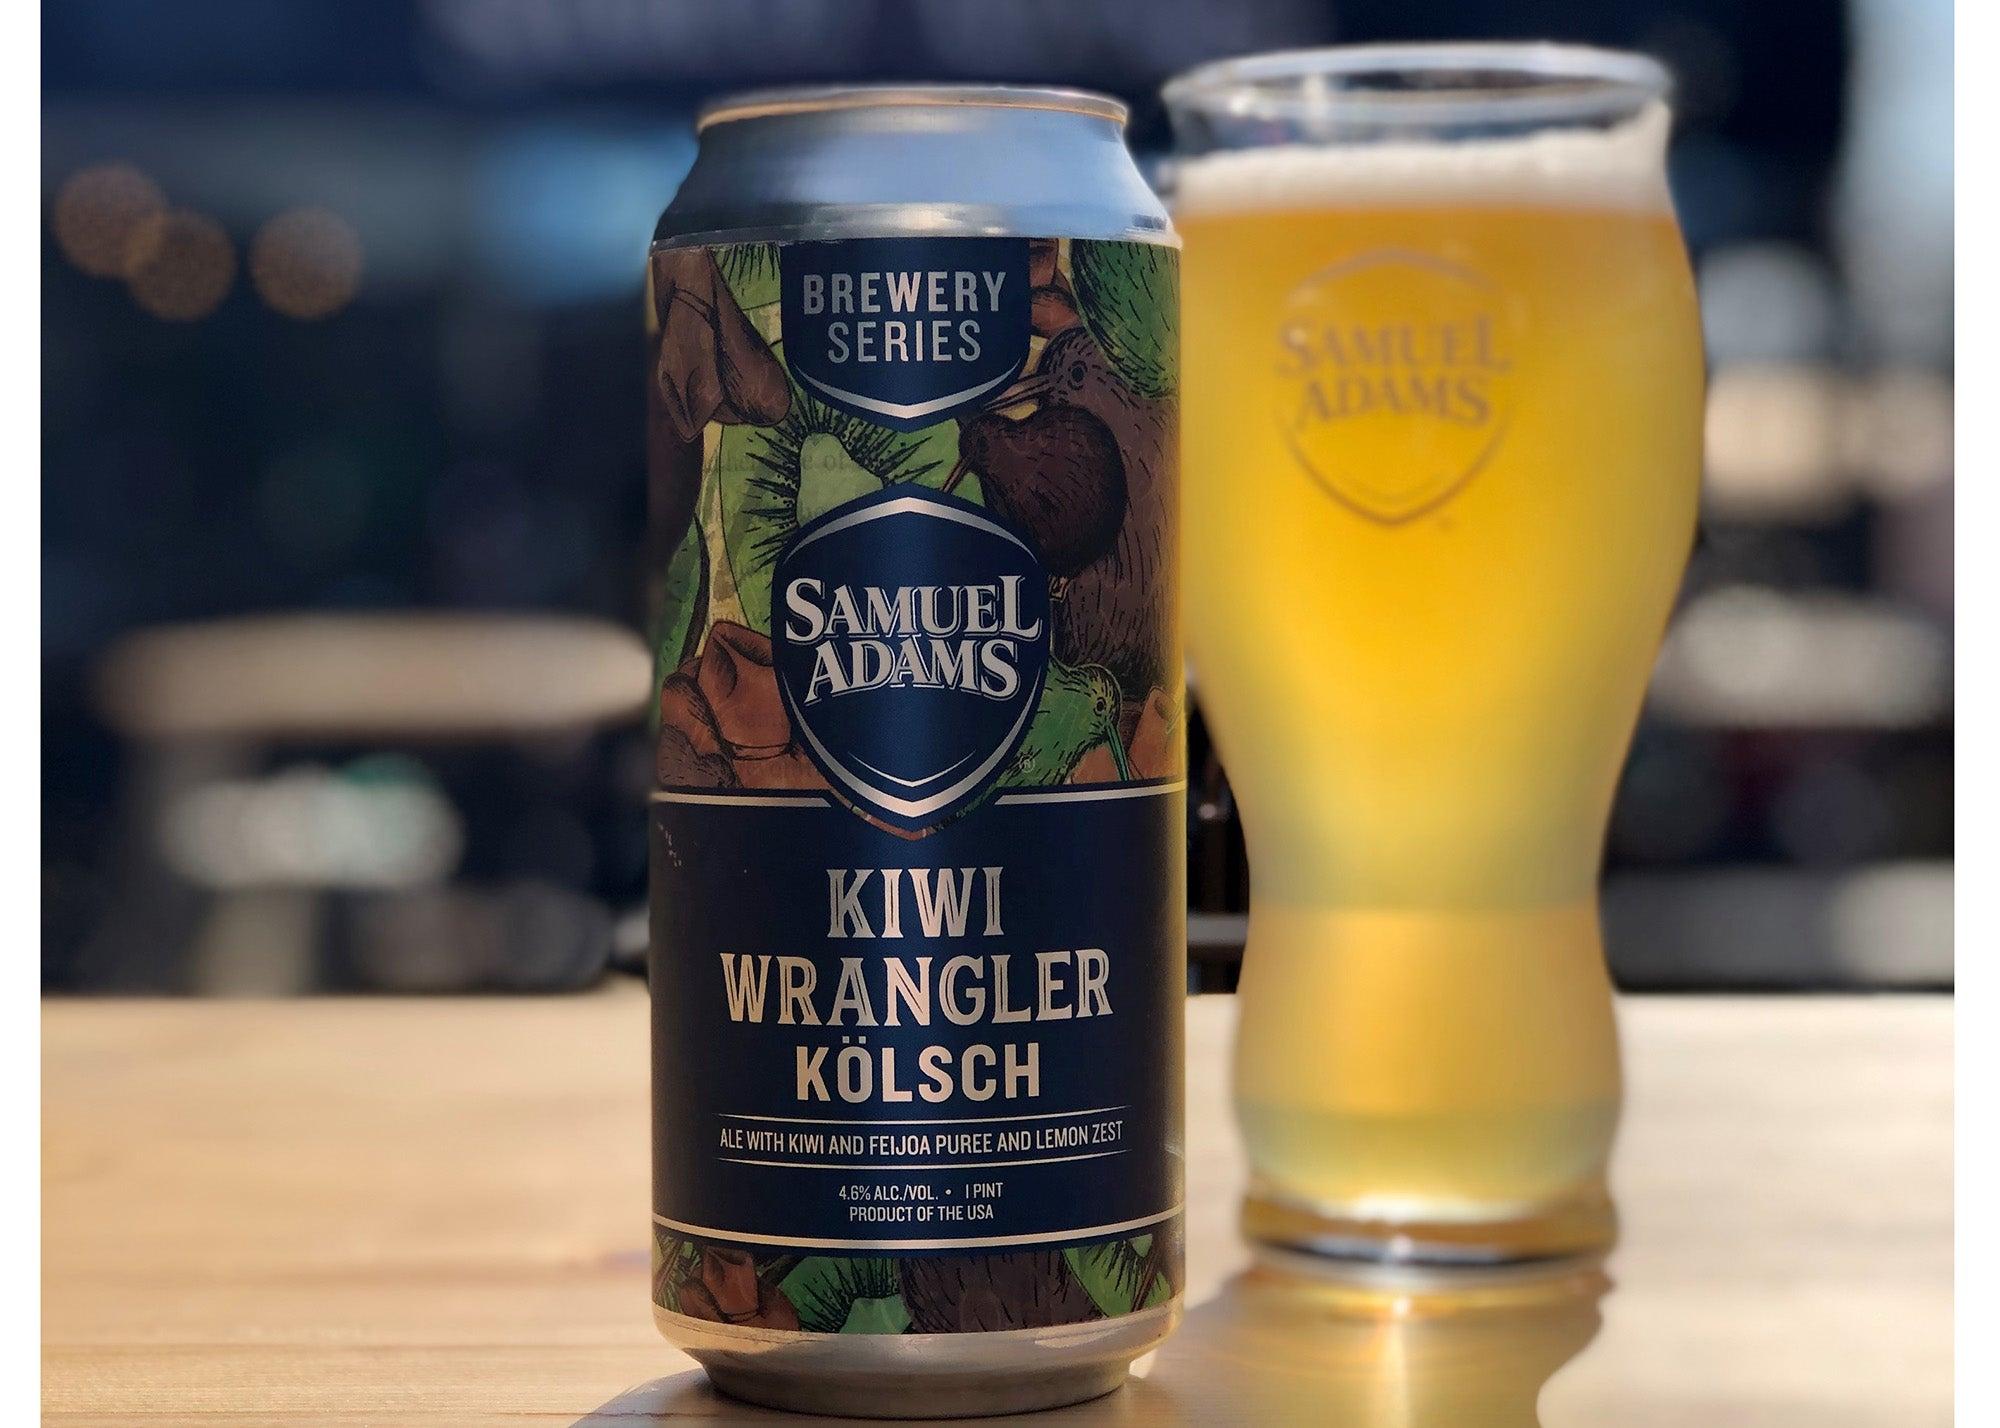 Kiwi Wrangler Kolsch